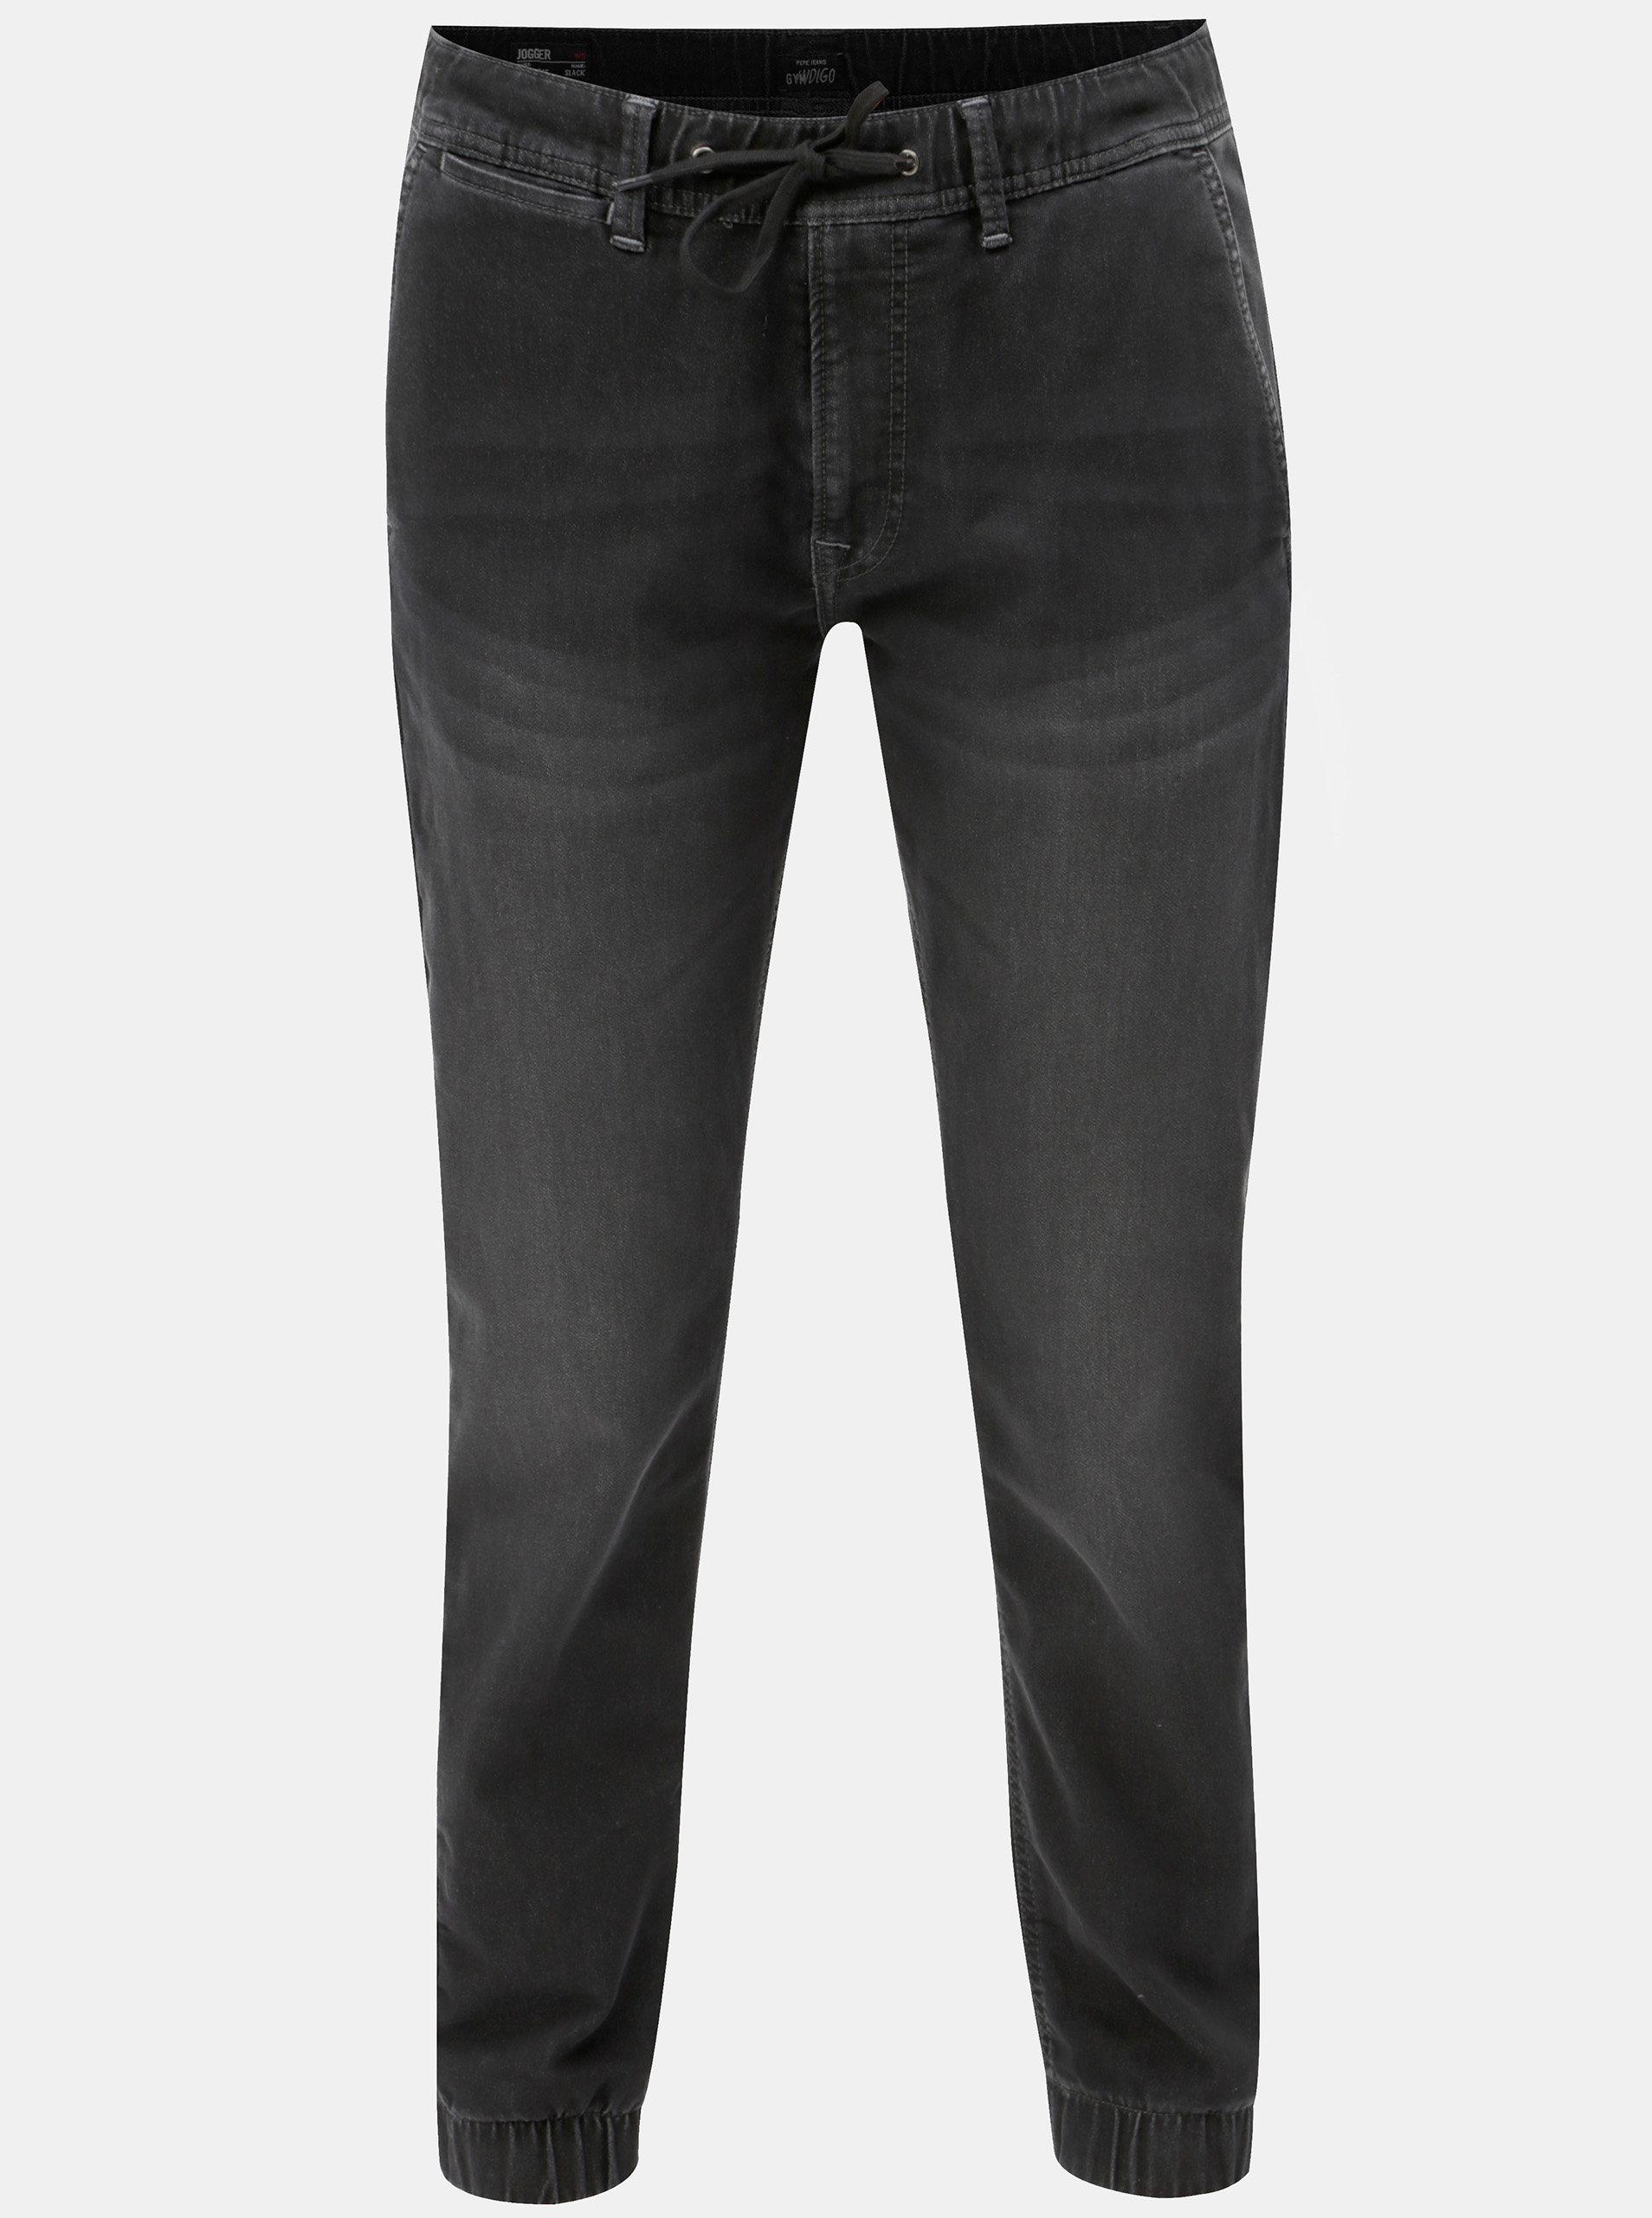 Černé pánské kalhoty s elastickým pasem Pepe Jeans ... 5b7e3a3b65